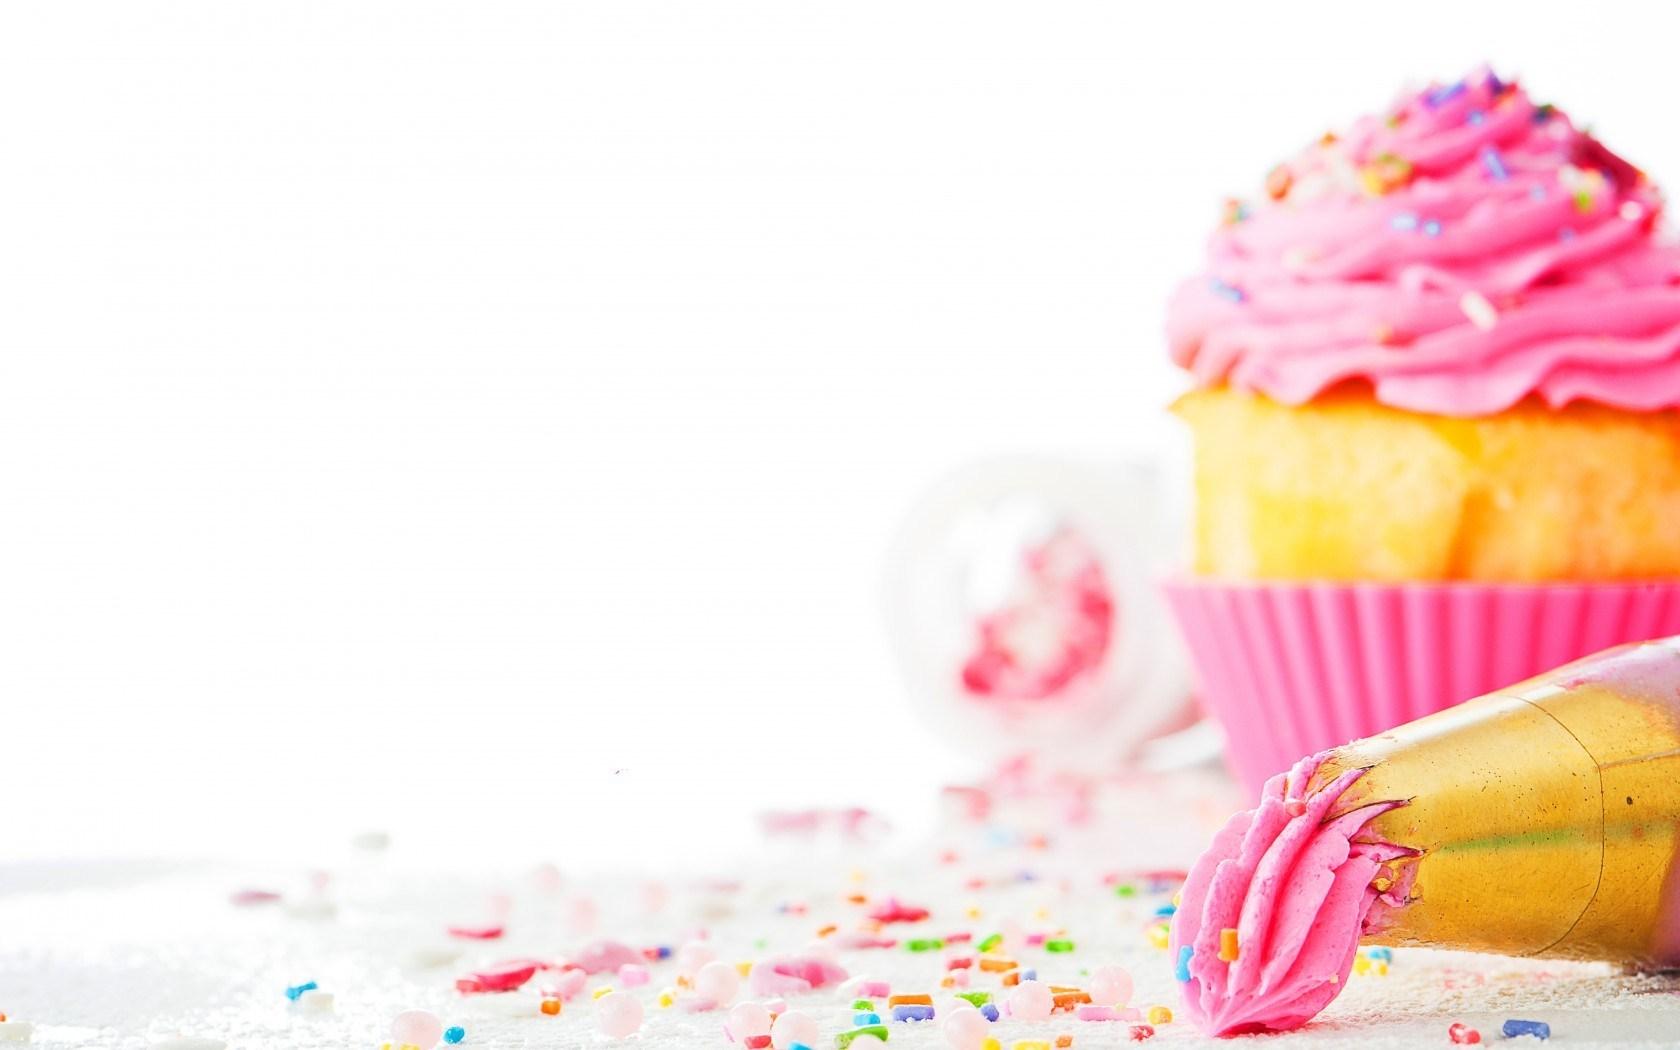 Dessert Background 40348 2560x1600 px